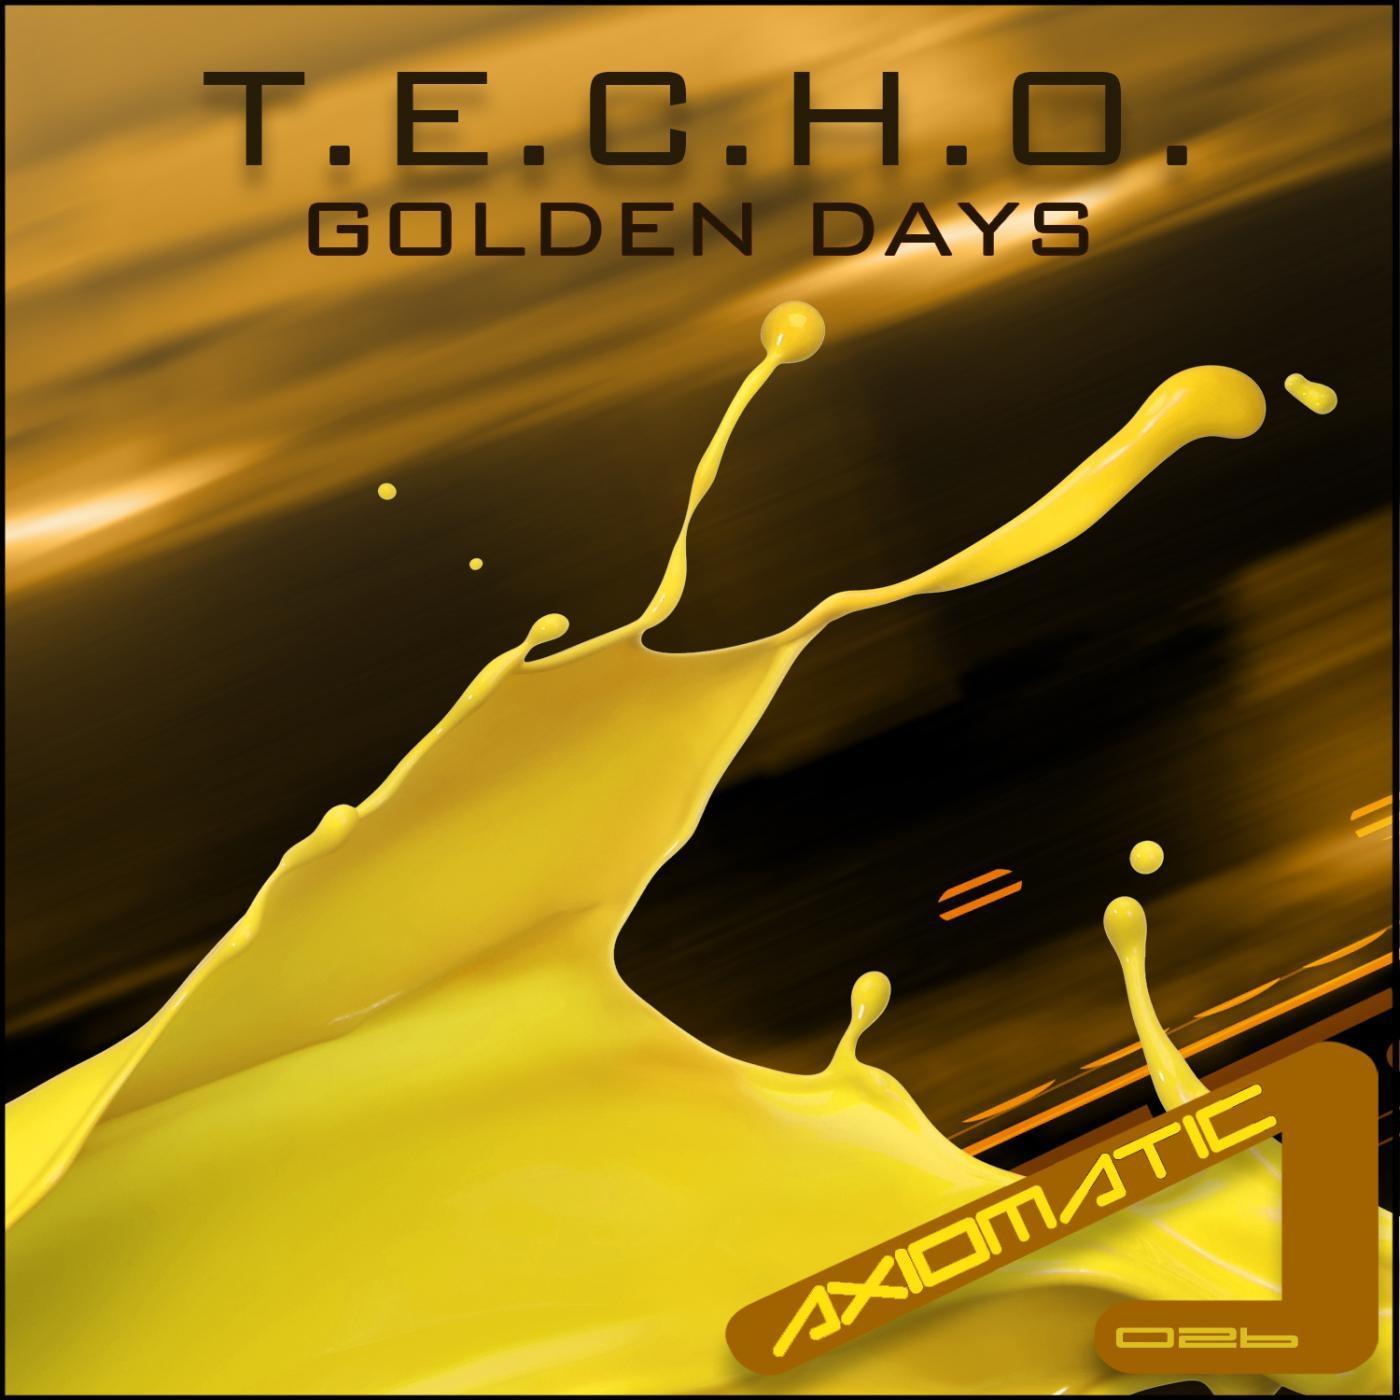 T.E.C.H.O. - Hot Lush (Original mix)